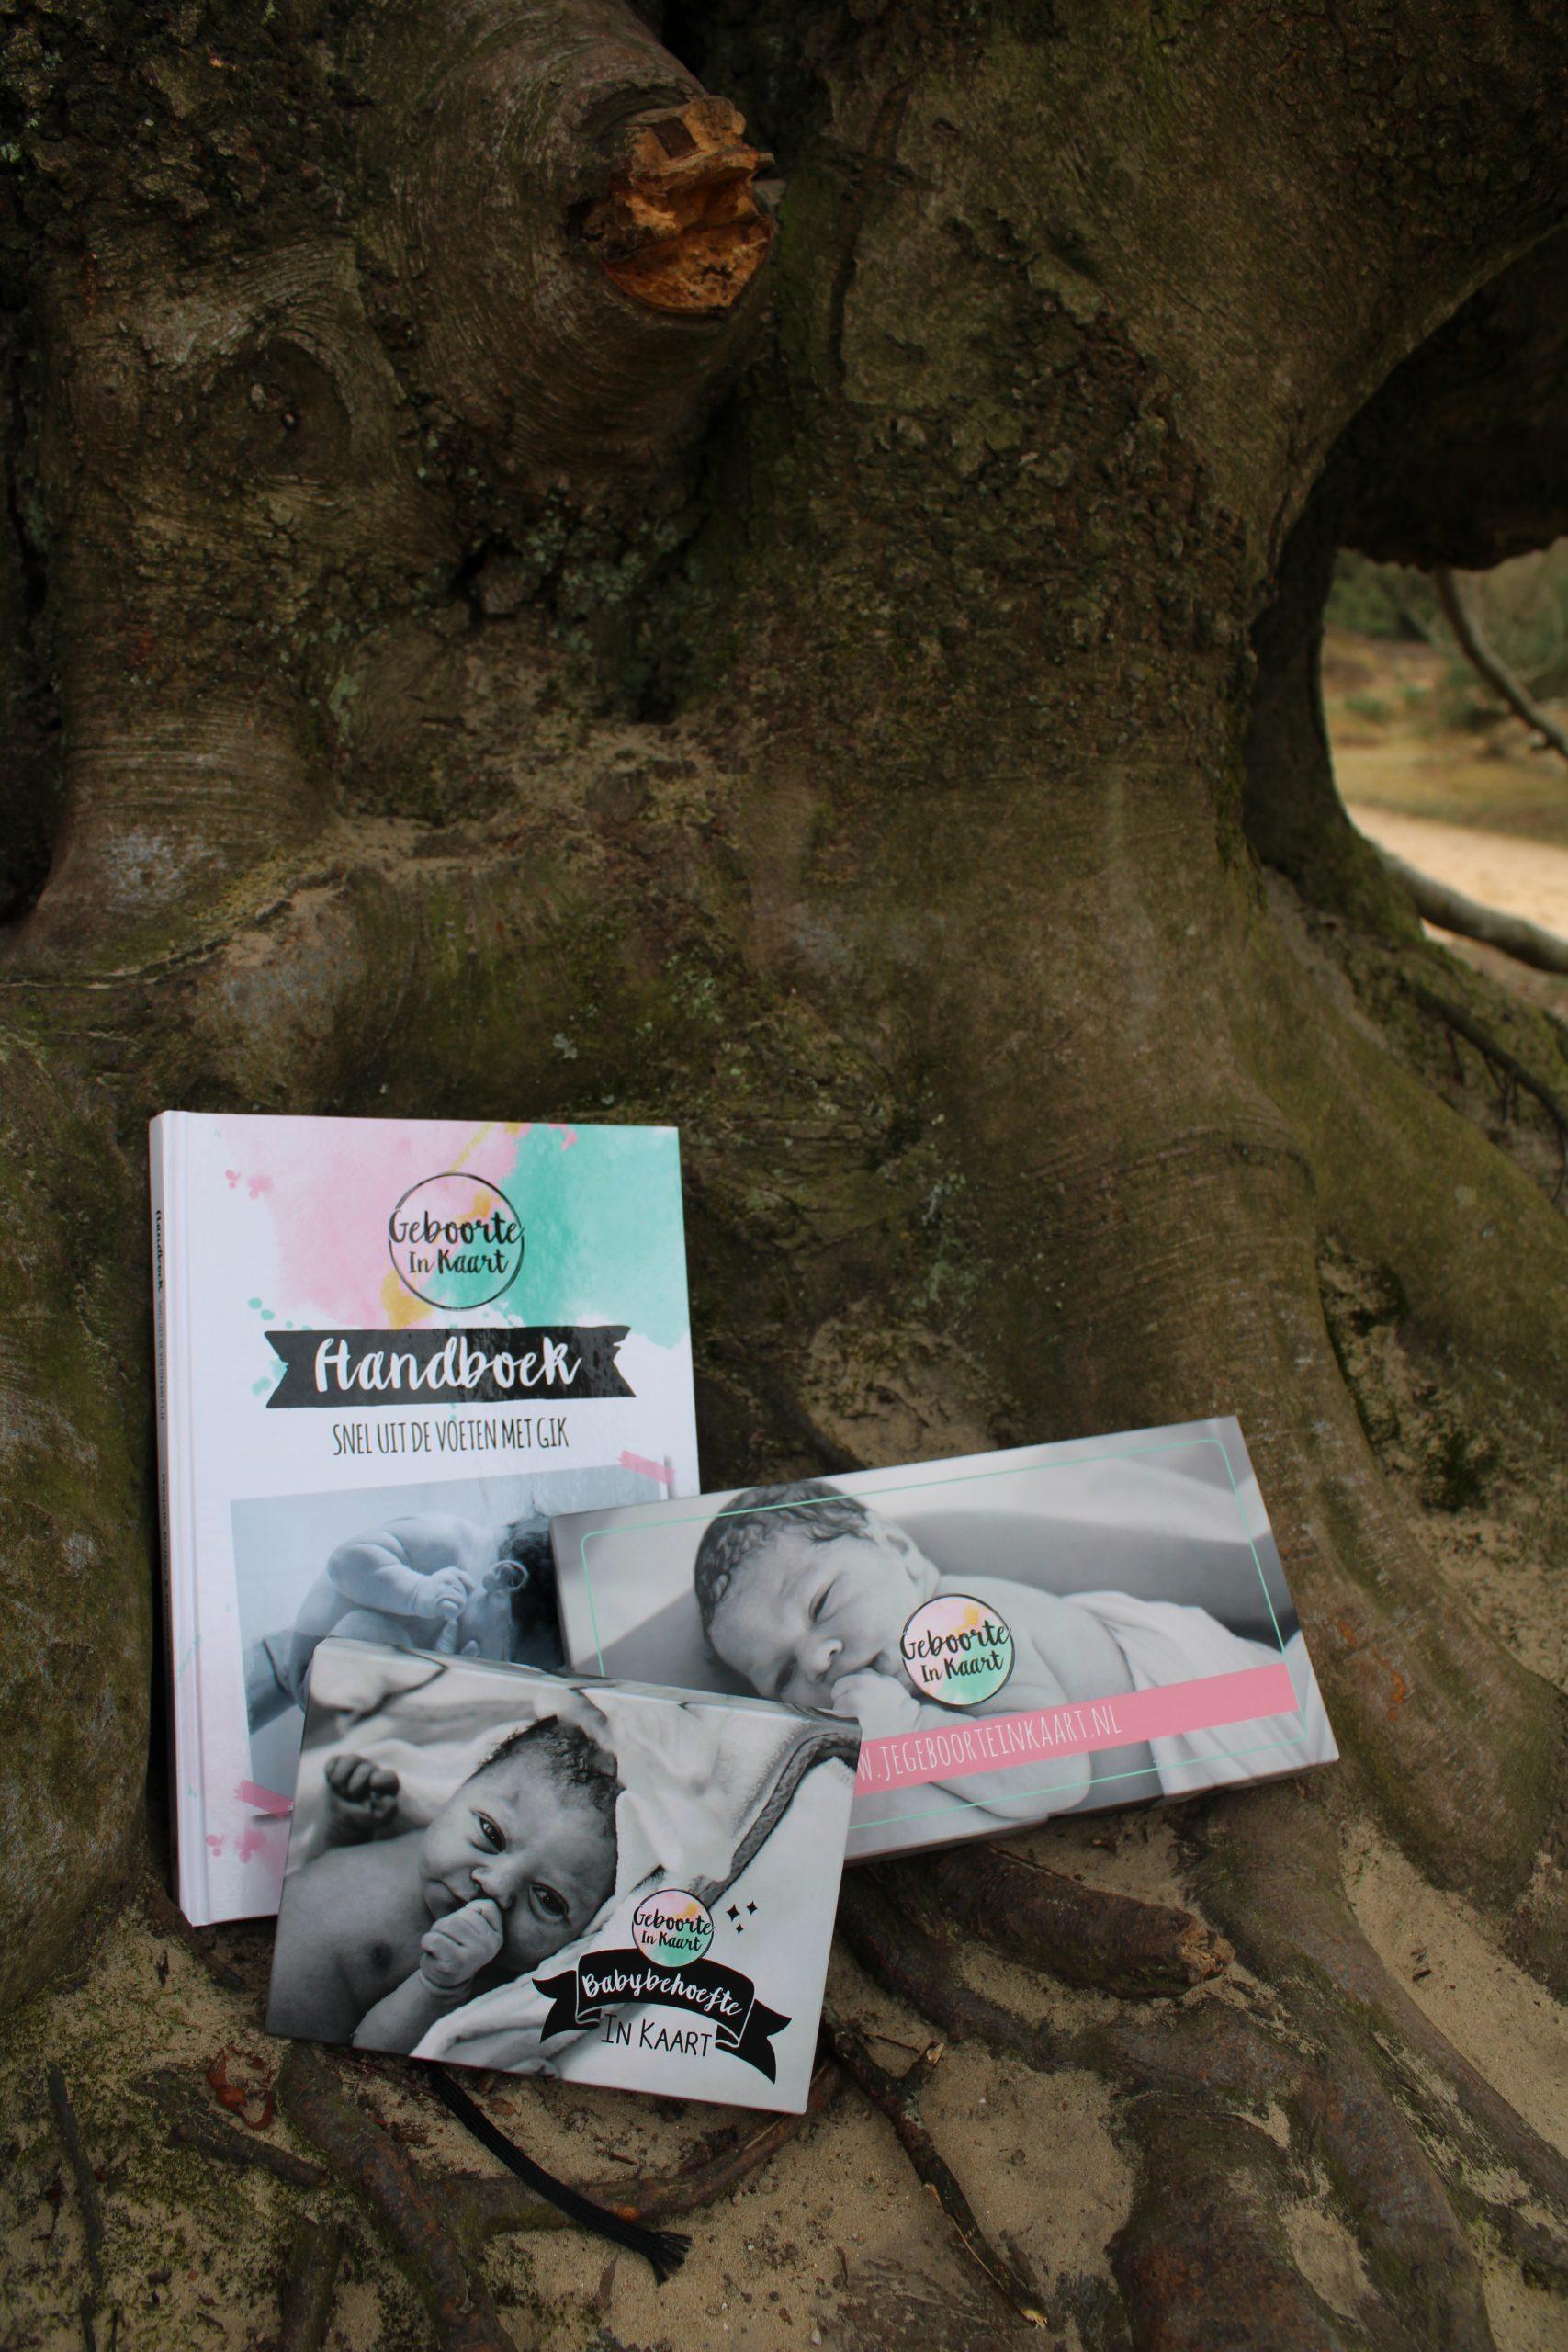 slaapmagie.nl geboorte in kaart en bevalling in kaart